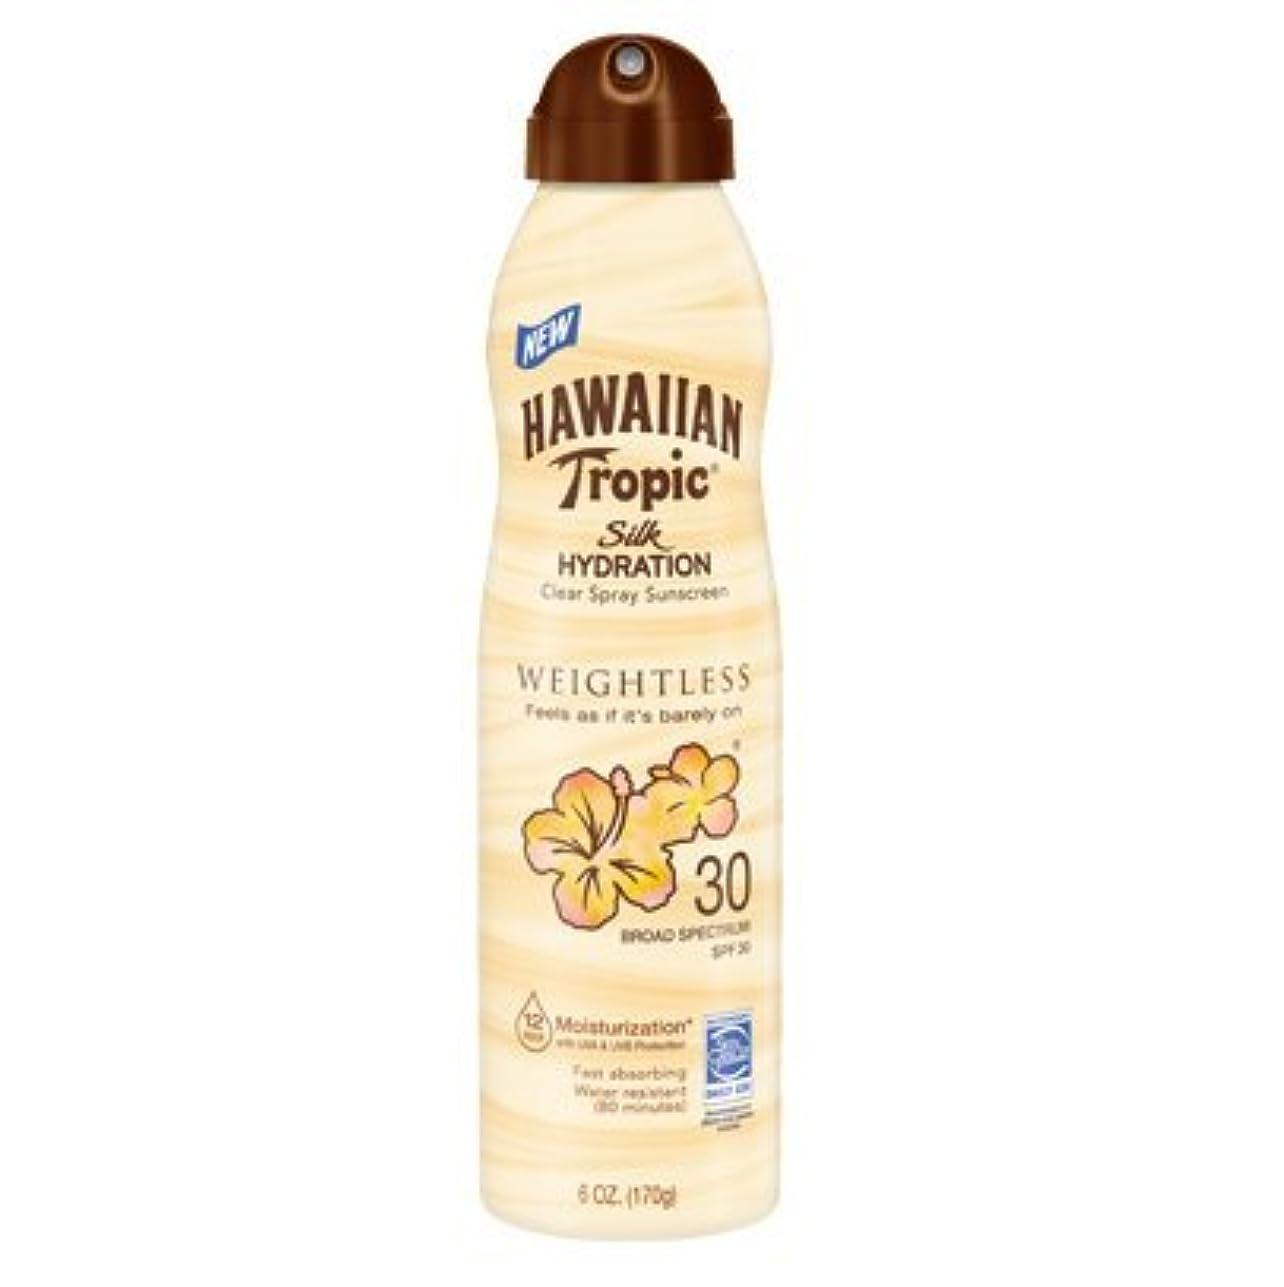 完璧な中央委任【海外直送】ハワイアントロピック 12時間持続 日焼け止めミスト SPF30 (177ml) Hawaiian Tropic Silk Hydration Clear Mist Spray Sunscreen SPF 30...